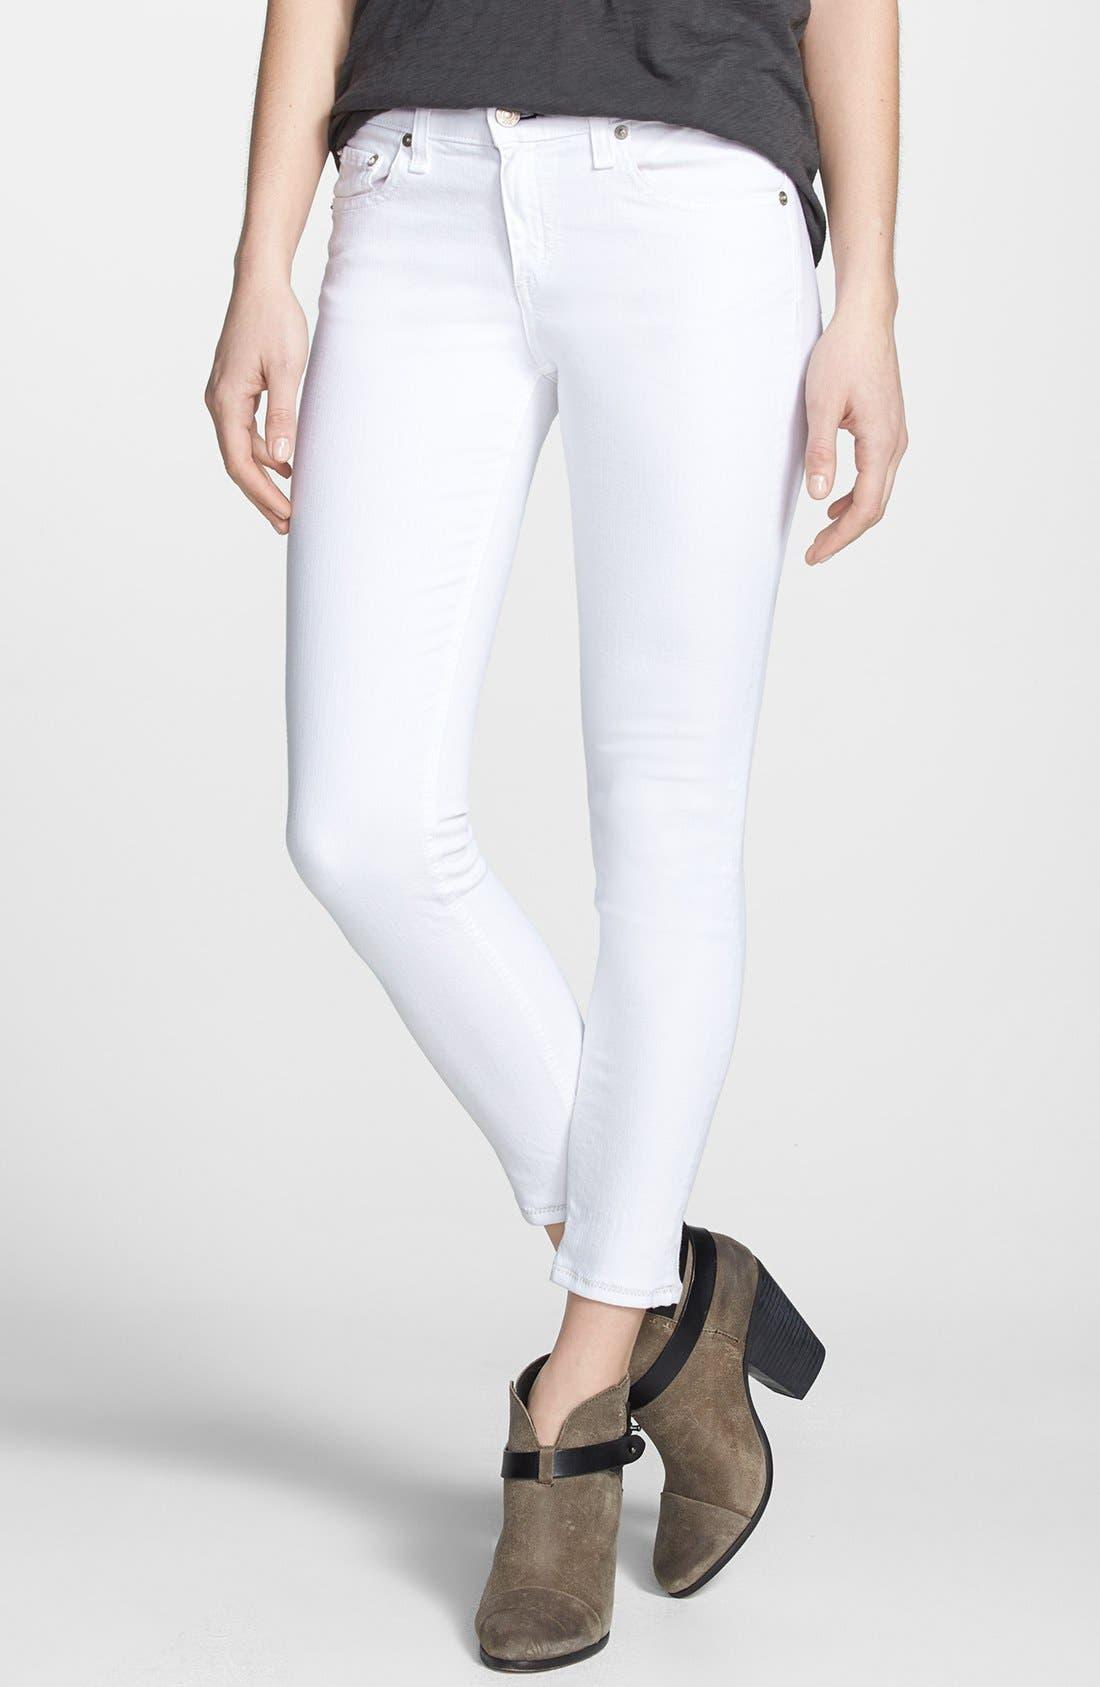 Main Image - rag & bone/JEAN 'Repair' Skinny Crop Jeans (Bright White)